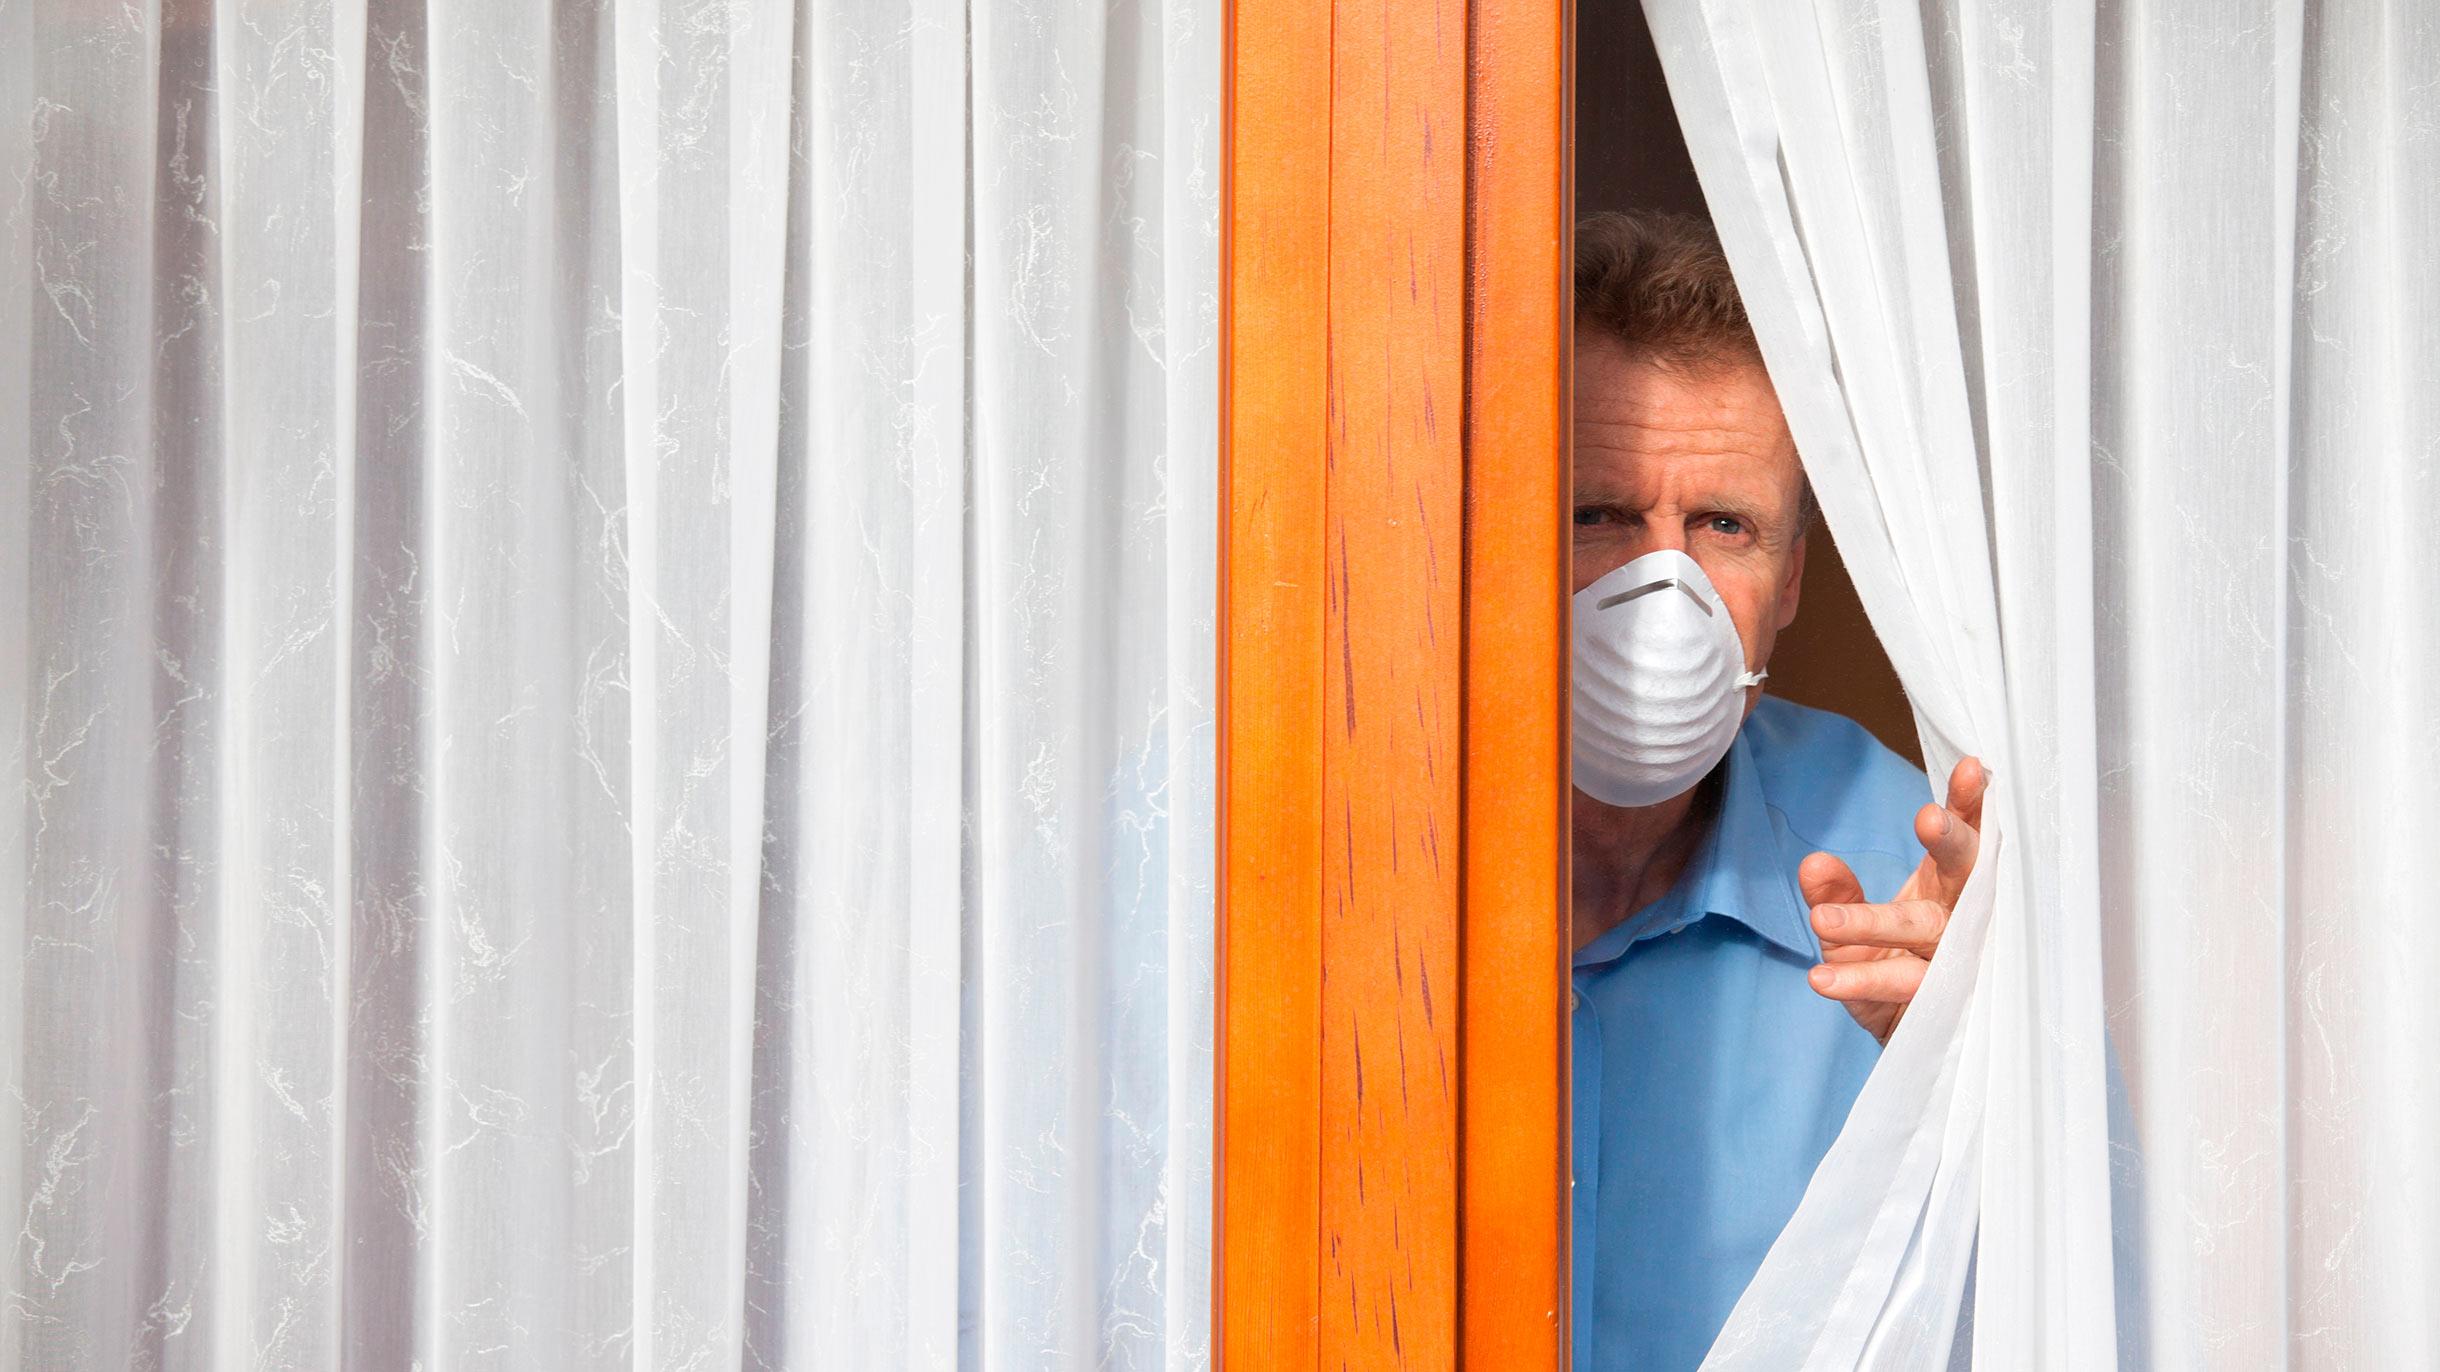 Новые штрафы и сроки из-за коронавируса: кого и за что могут наказать